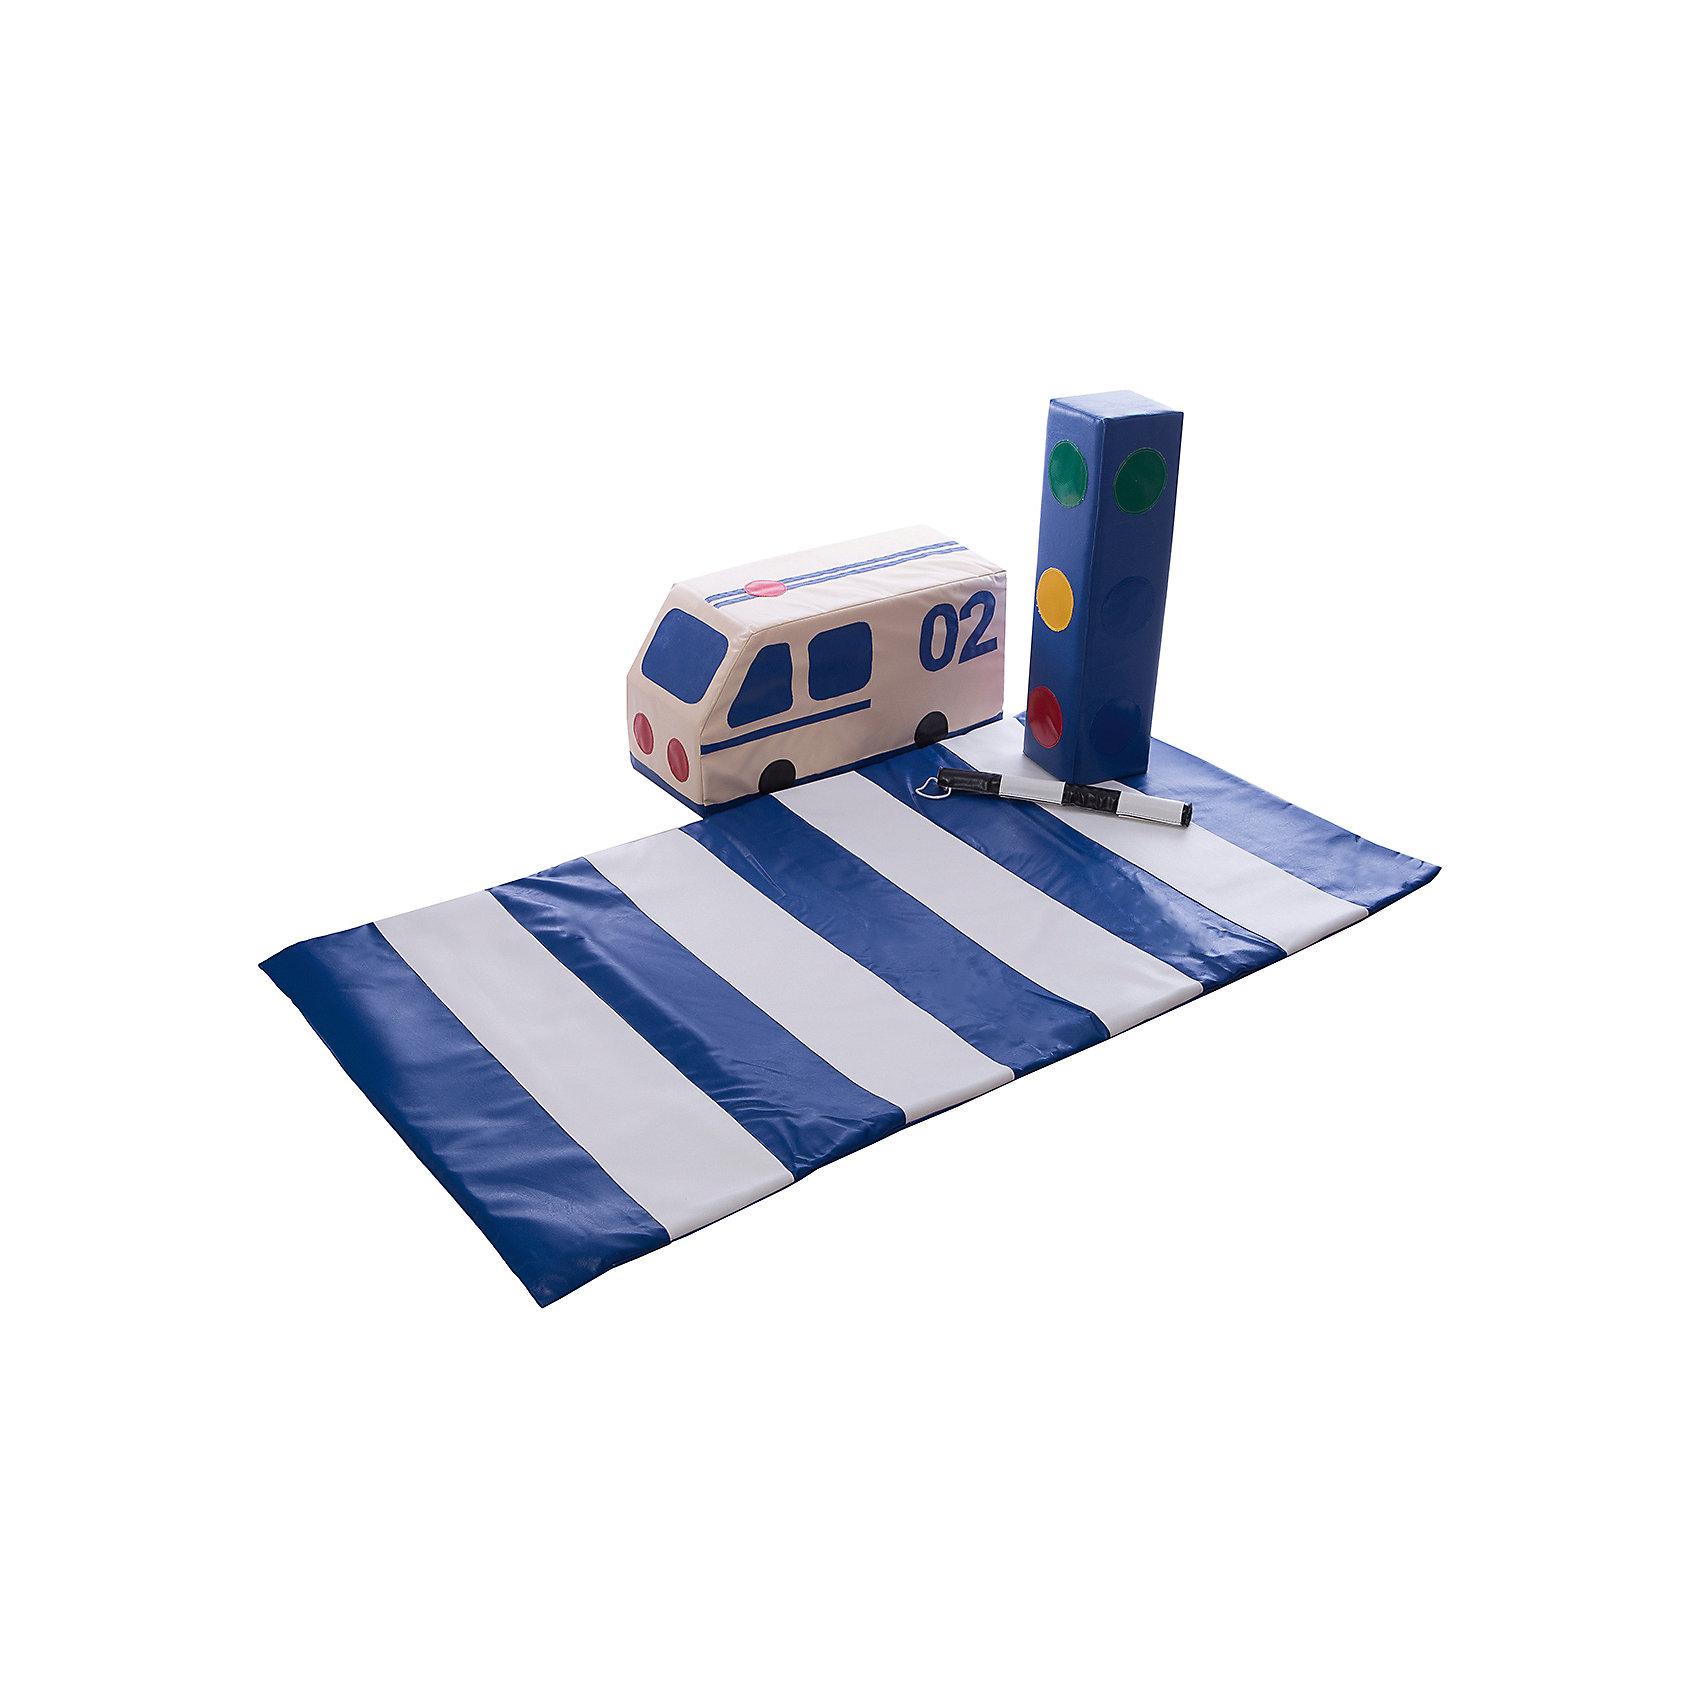 Игровой набор Грамотный пешеход, ROMANAИгровой набор Грамотный пешеход, ROMANA - игровой набор, с которым ваш ребенок сможет почувствовать себя настоящим регулировщиком дорожного движения.<br>Кроме того, набор может помочь вашем освоить правила безопасности дорожного движения.<br><br>Дополнительная информация:<br><br>Габаритные размеры, мм 1400 х 1500<br>Высота, мм 600 <br>Светофор 600 х 150 х 150 - 1 шт.<br>Полиция (машина) 600 х 300 х 300 - 1 шт.<br>Пешеходный переход (дорожка) 1500 x 800 x 10 - 1 шт.<br>Жезл d20 h400 - 1 шт. <br>Материалы поролон, винилискожа<br><br>Ширина мм: 1400<br>Глубина мм: 1500<br>Высота мм: 600<br>Вес г: 1200<br>Возраст от месяцев: 36<br>Возраст до месяцев: 96<br>Пол: Унисекс<br>Возраст: Детский<br>SKU: 5129365